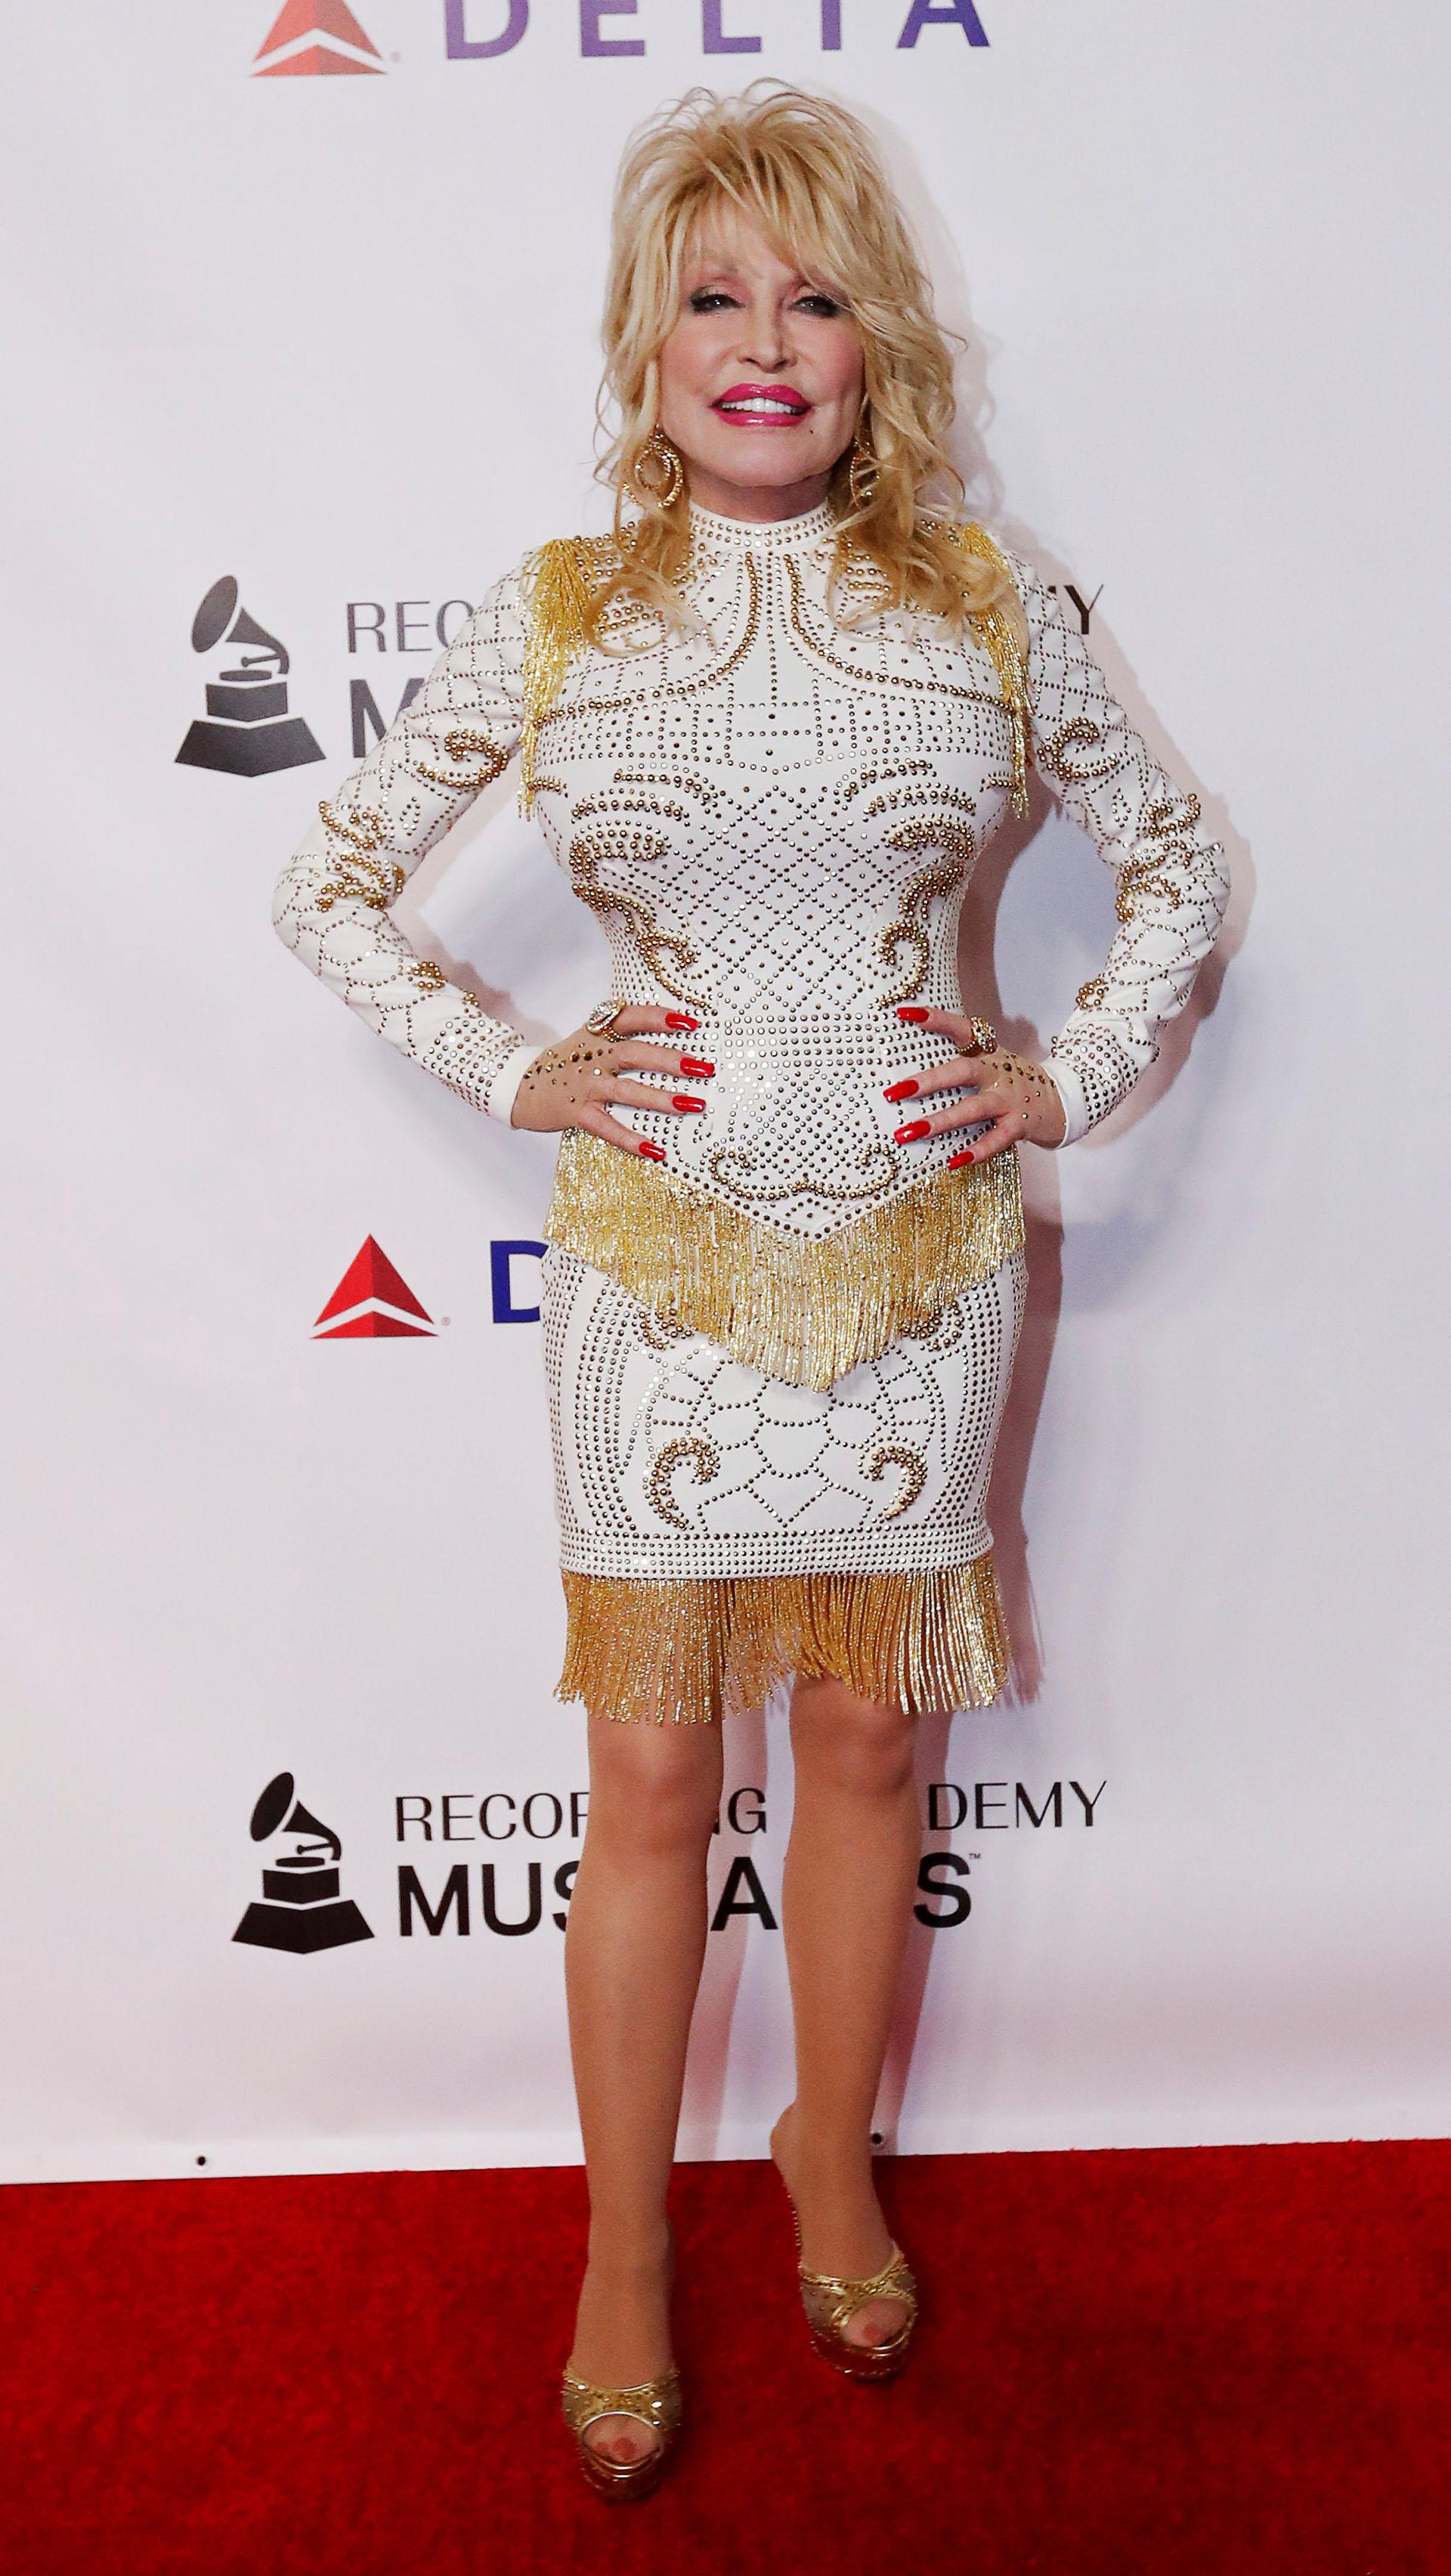 """Dolly Parton, de 73 años, a su llegada a la gala en Los Ángeles, California. La cantante y actriz será galardonada como """"persona del año"""" en la próxima entrega de los premios Grammy"""